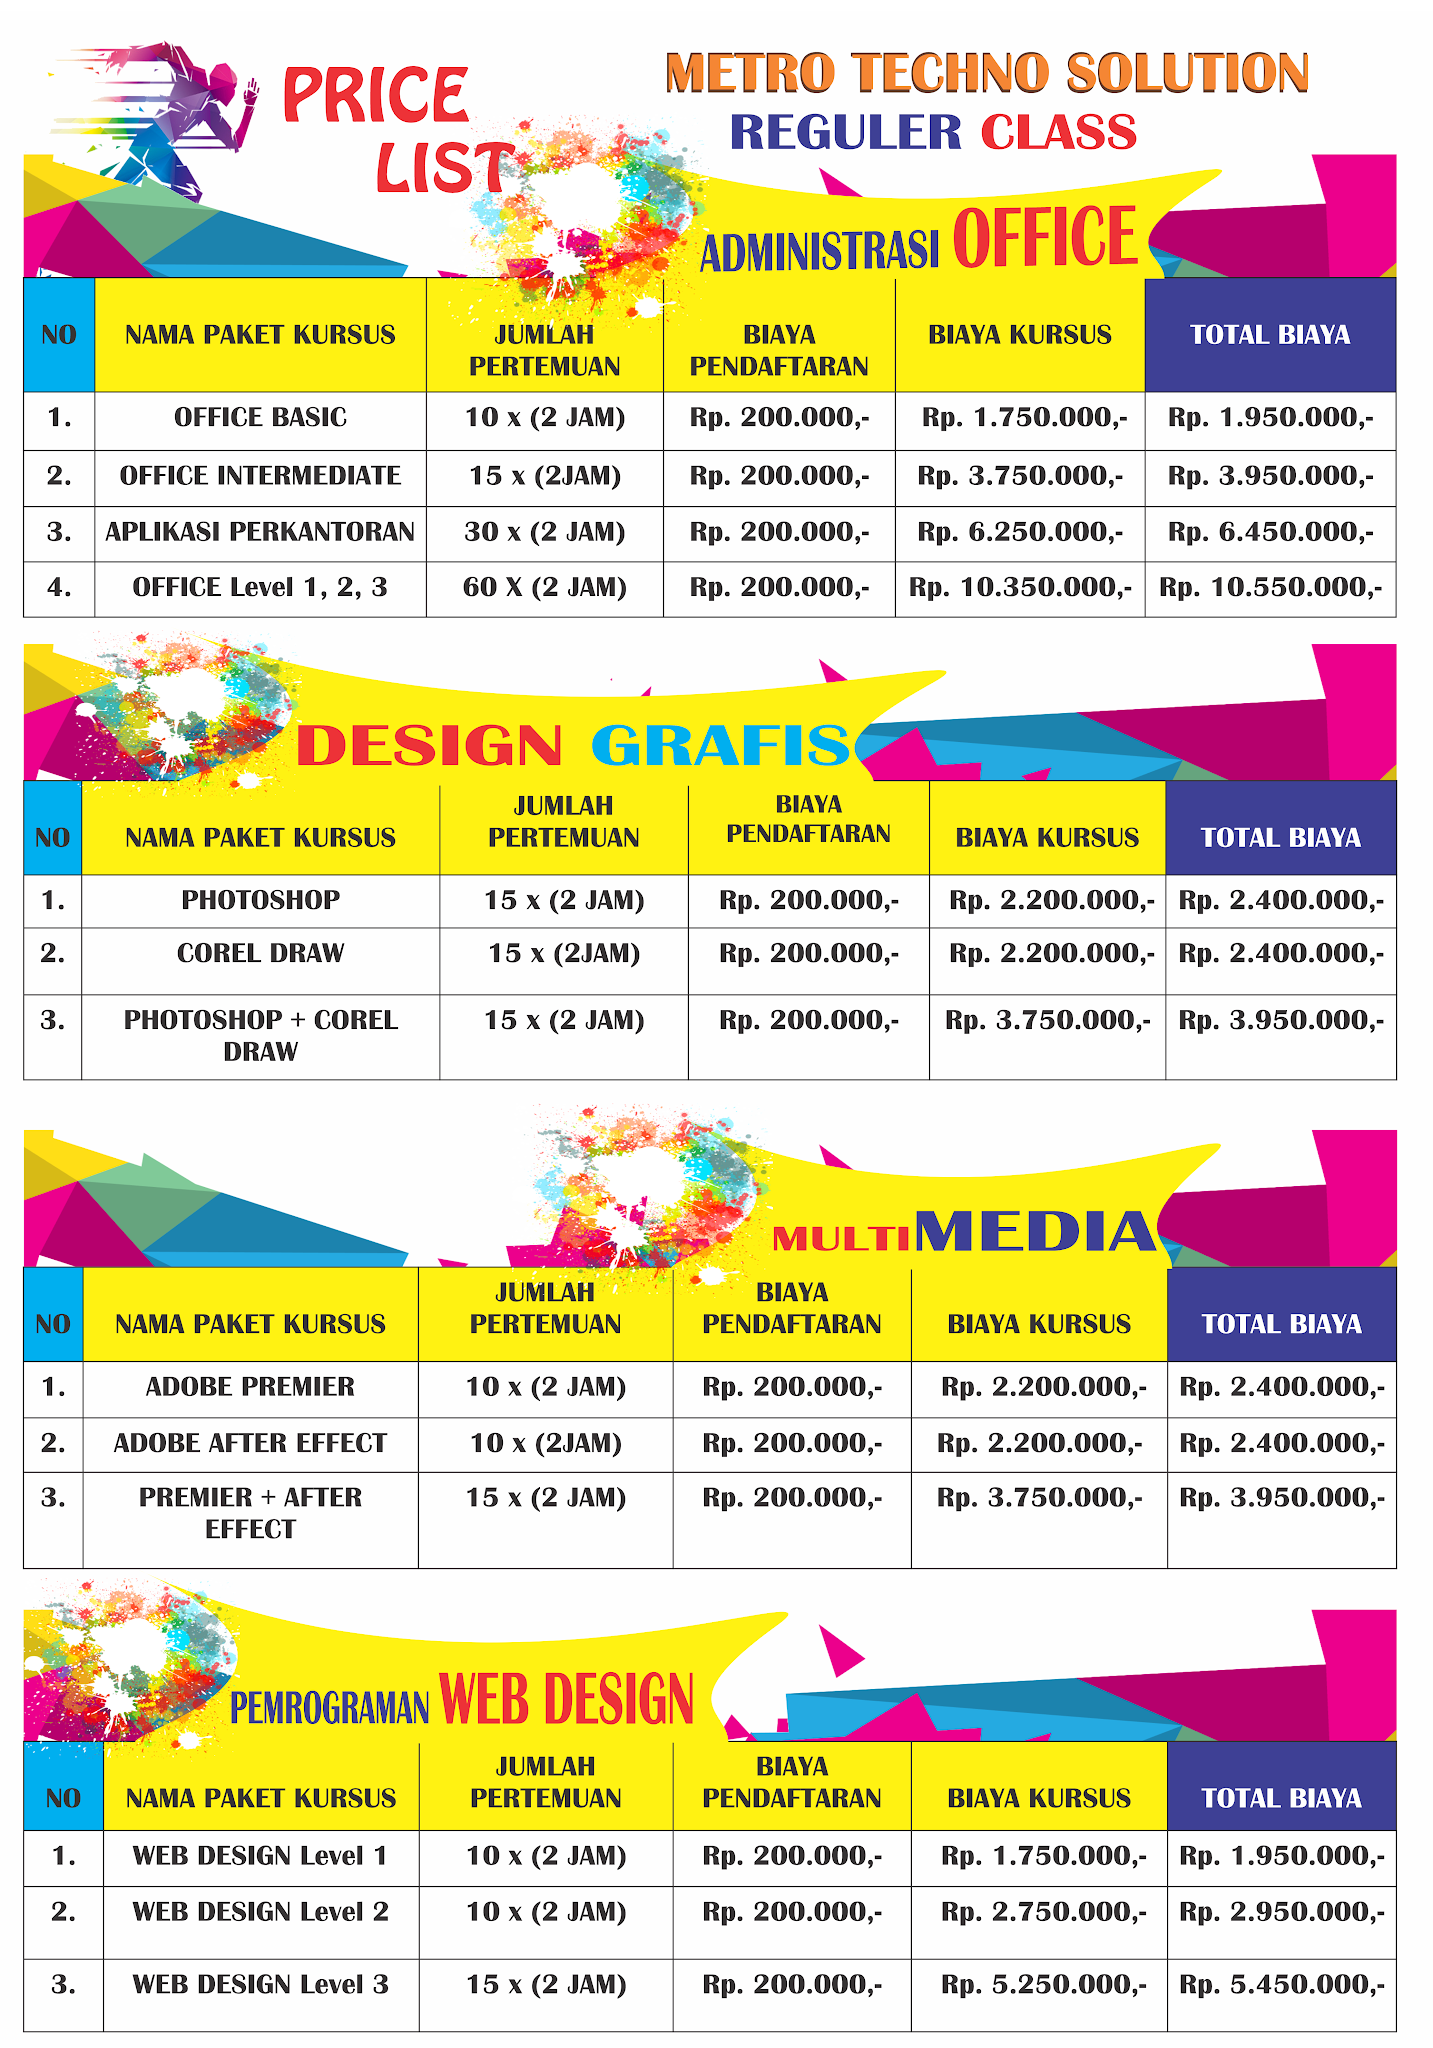 Daftar Harga Kursus Komputer Terbaik Lampung